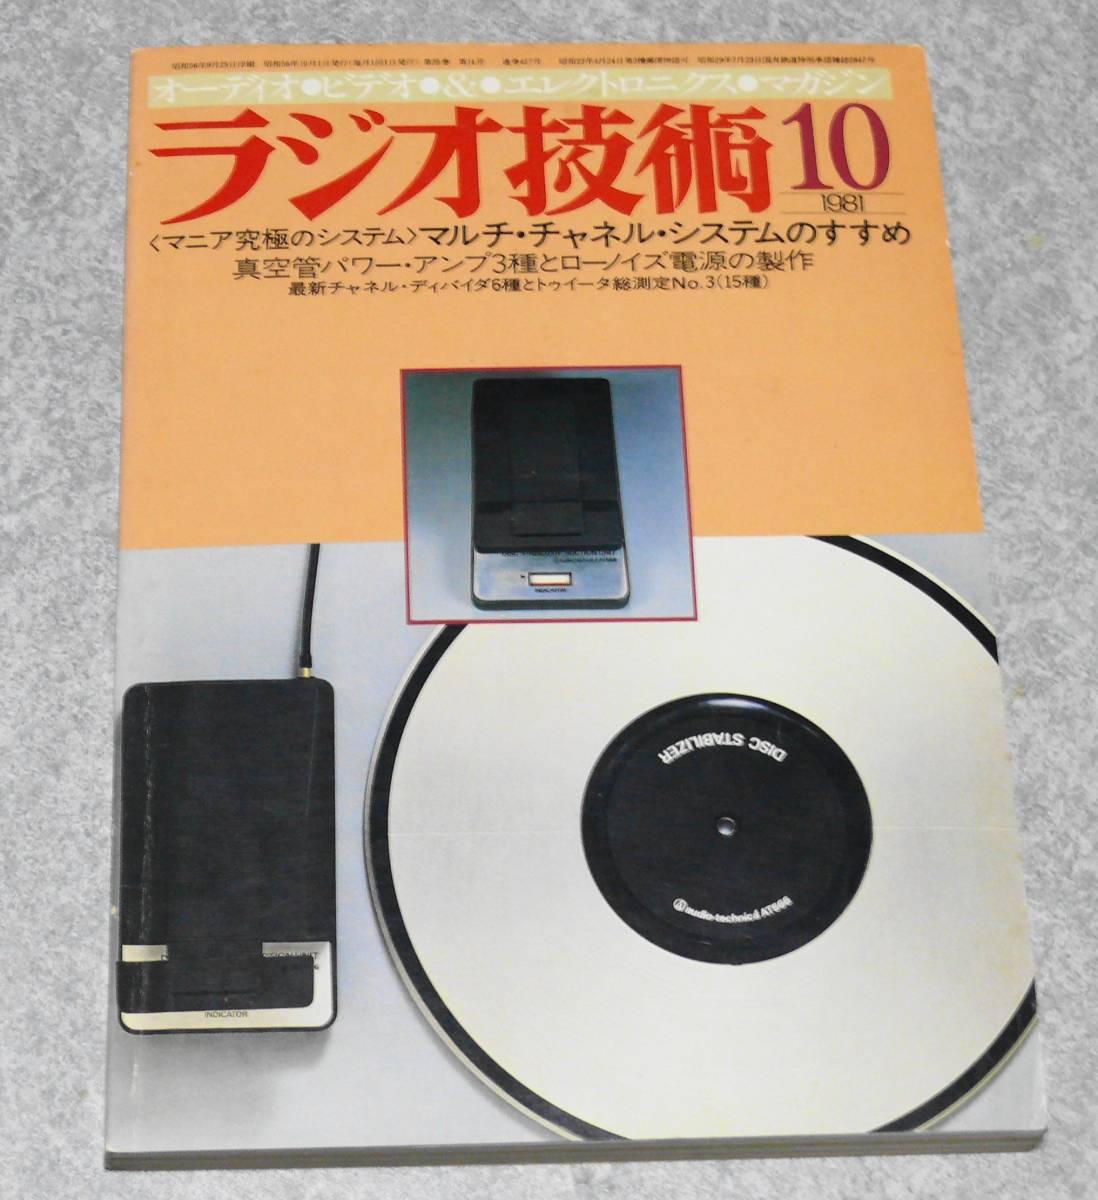 ラジオ技術 オーディオ・ラジオ雑誌 1981年(昭和56年)10月号 送料164円